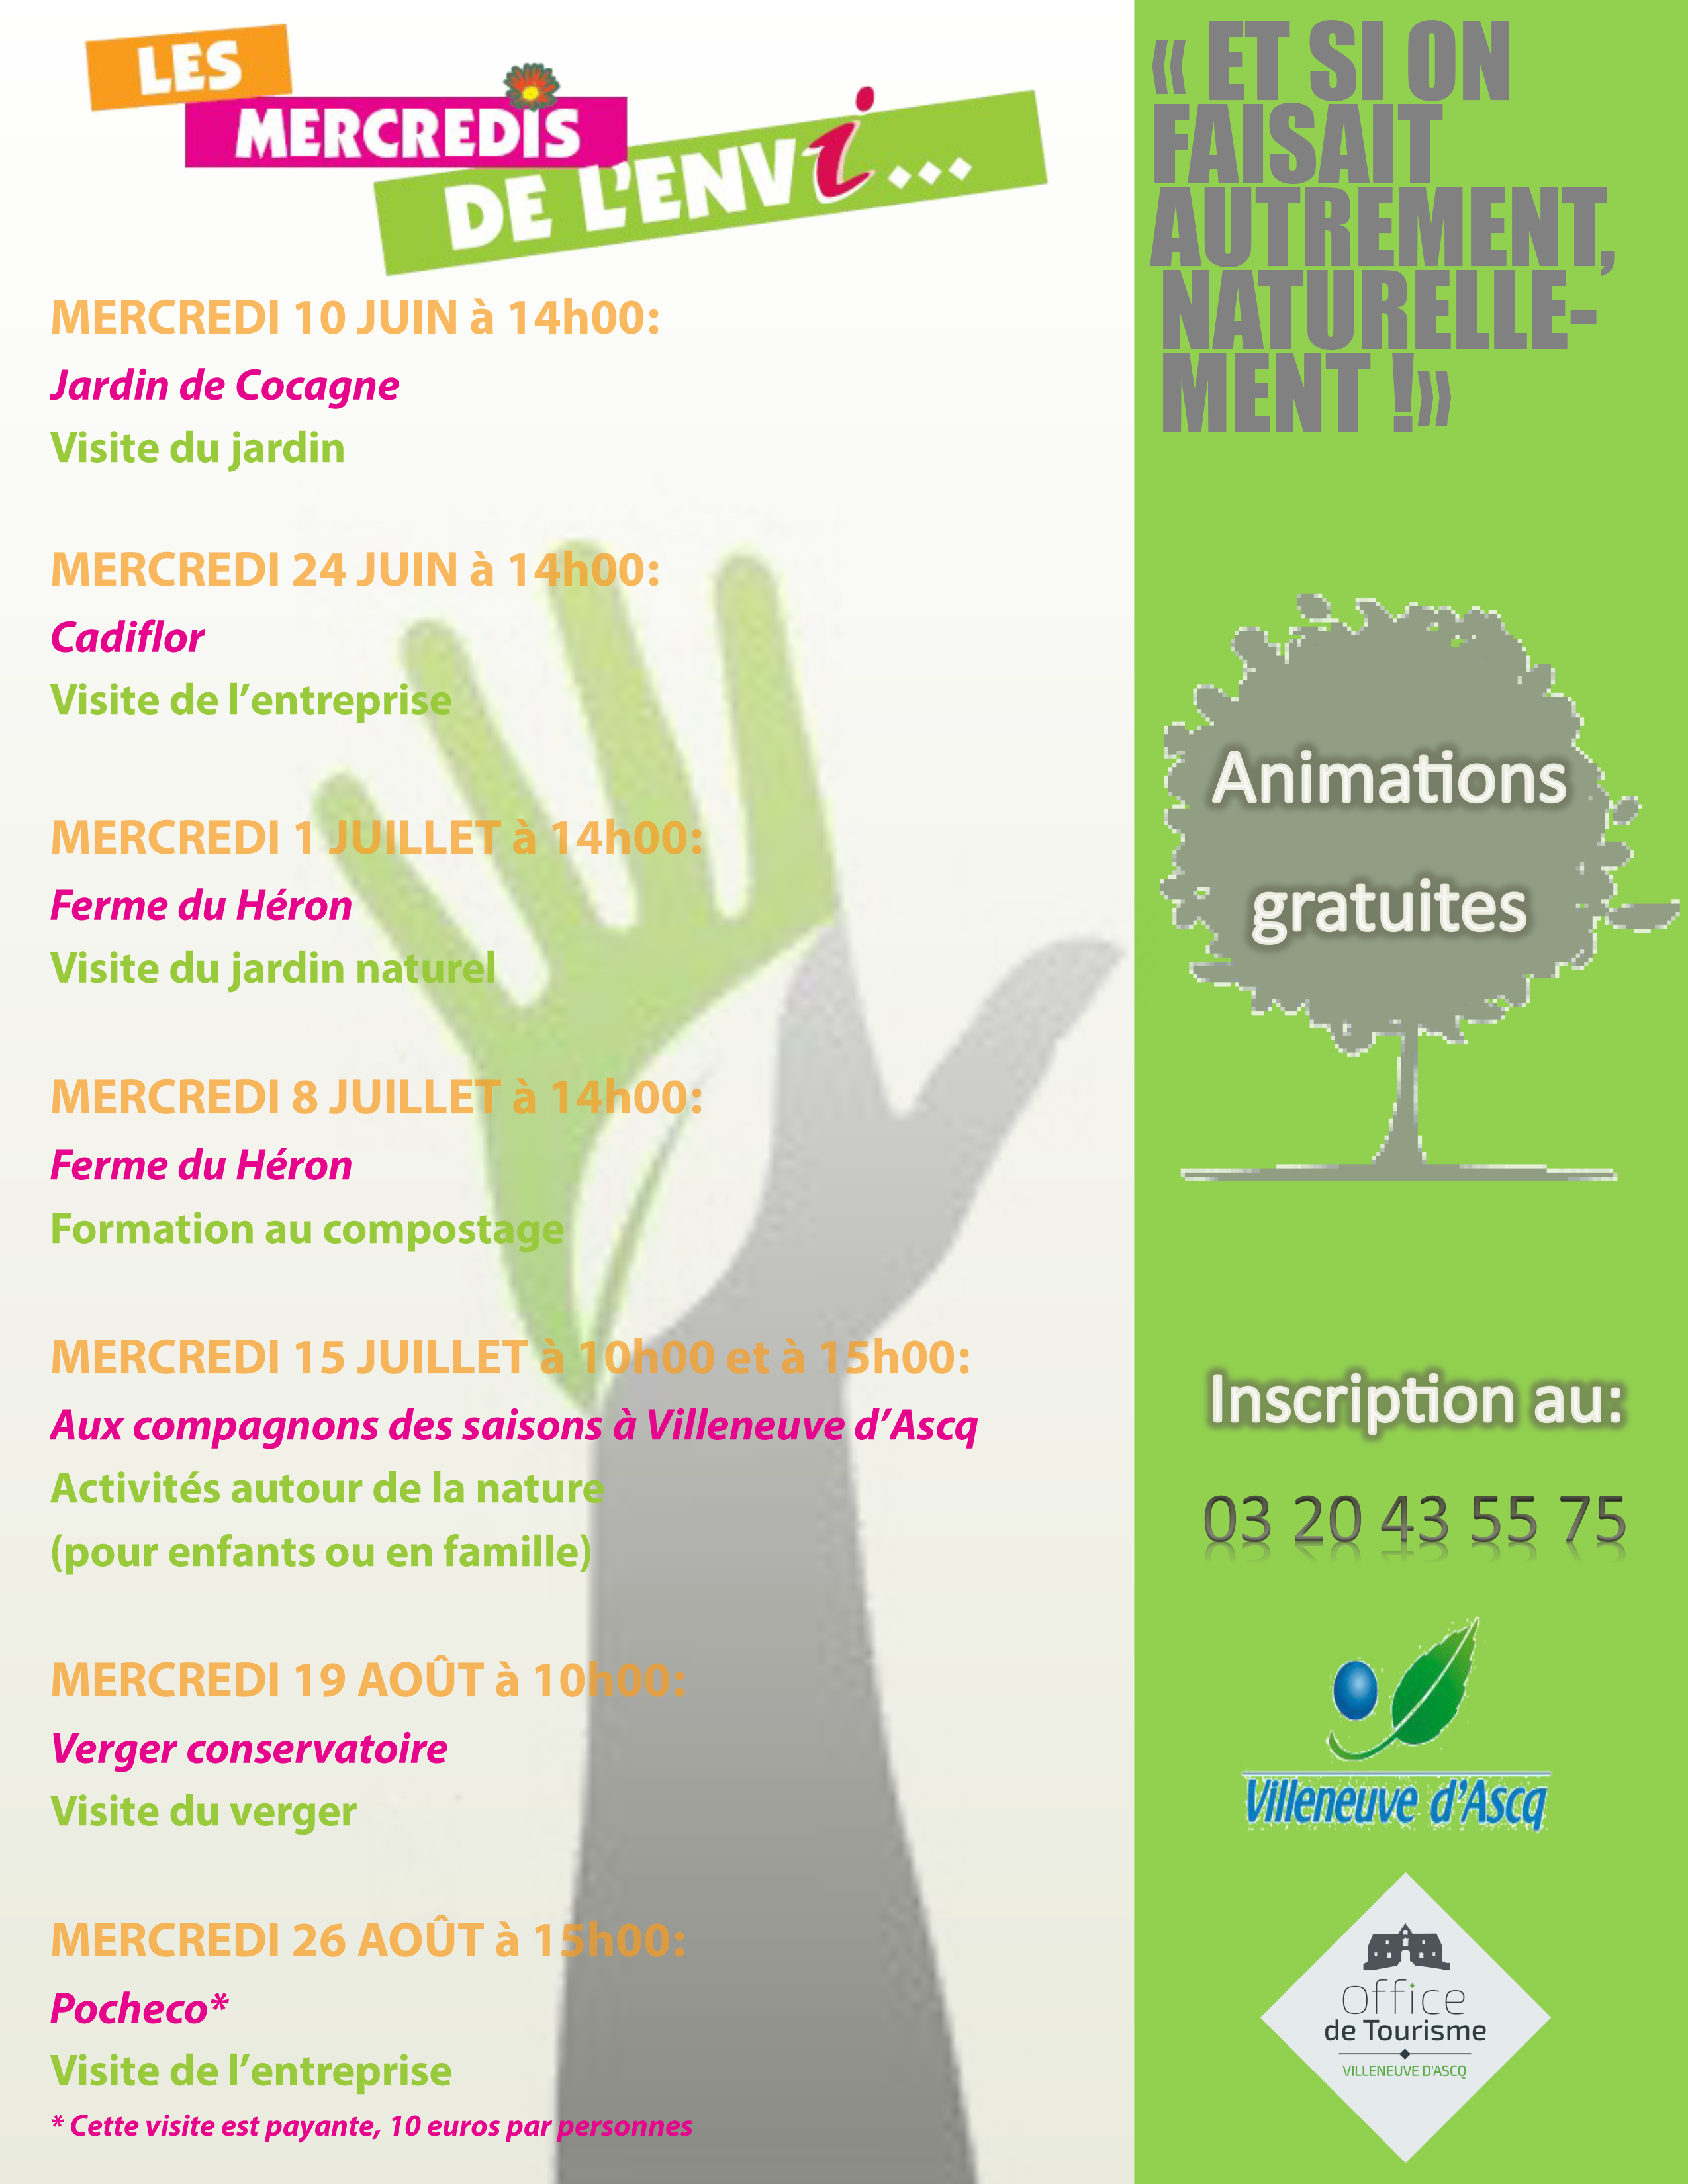 Les mercredis de l 39 envi villeneuve d 39 ascq tourisme - Office de tourisme villeneuve d ascq ...